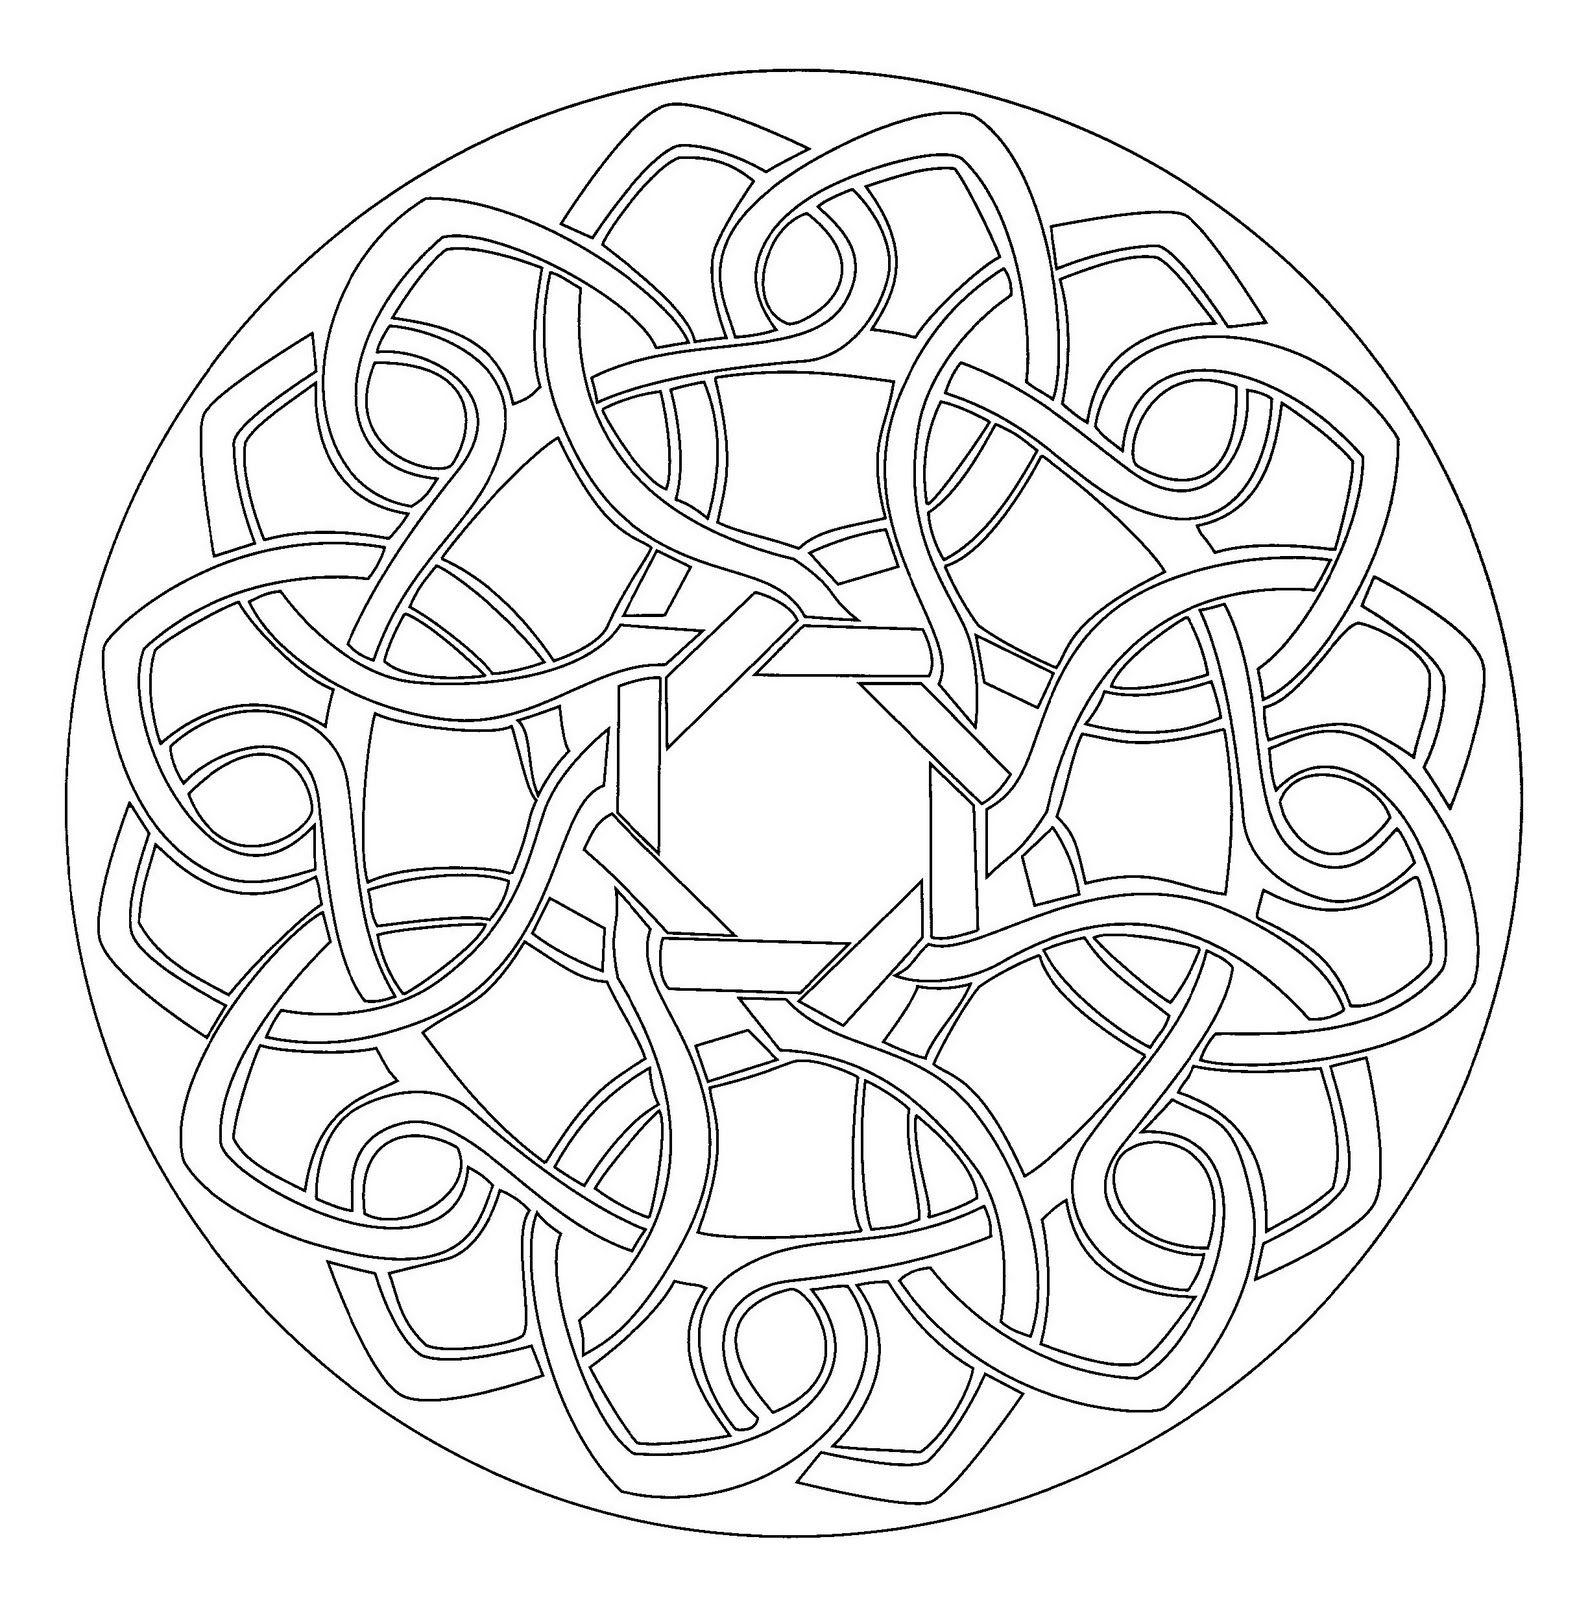 mandala celta | MANDALAS | Pinterest | Mandalas y Dibujo